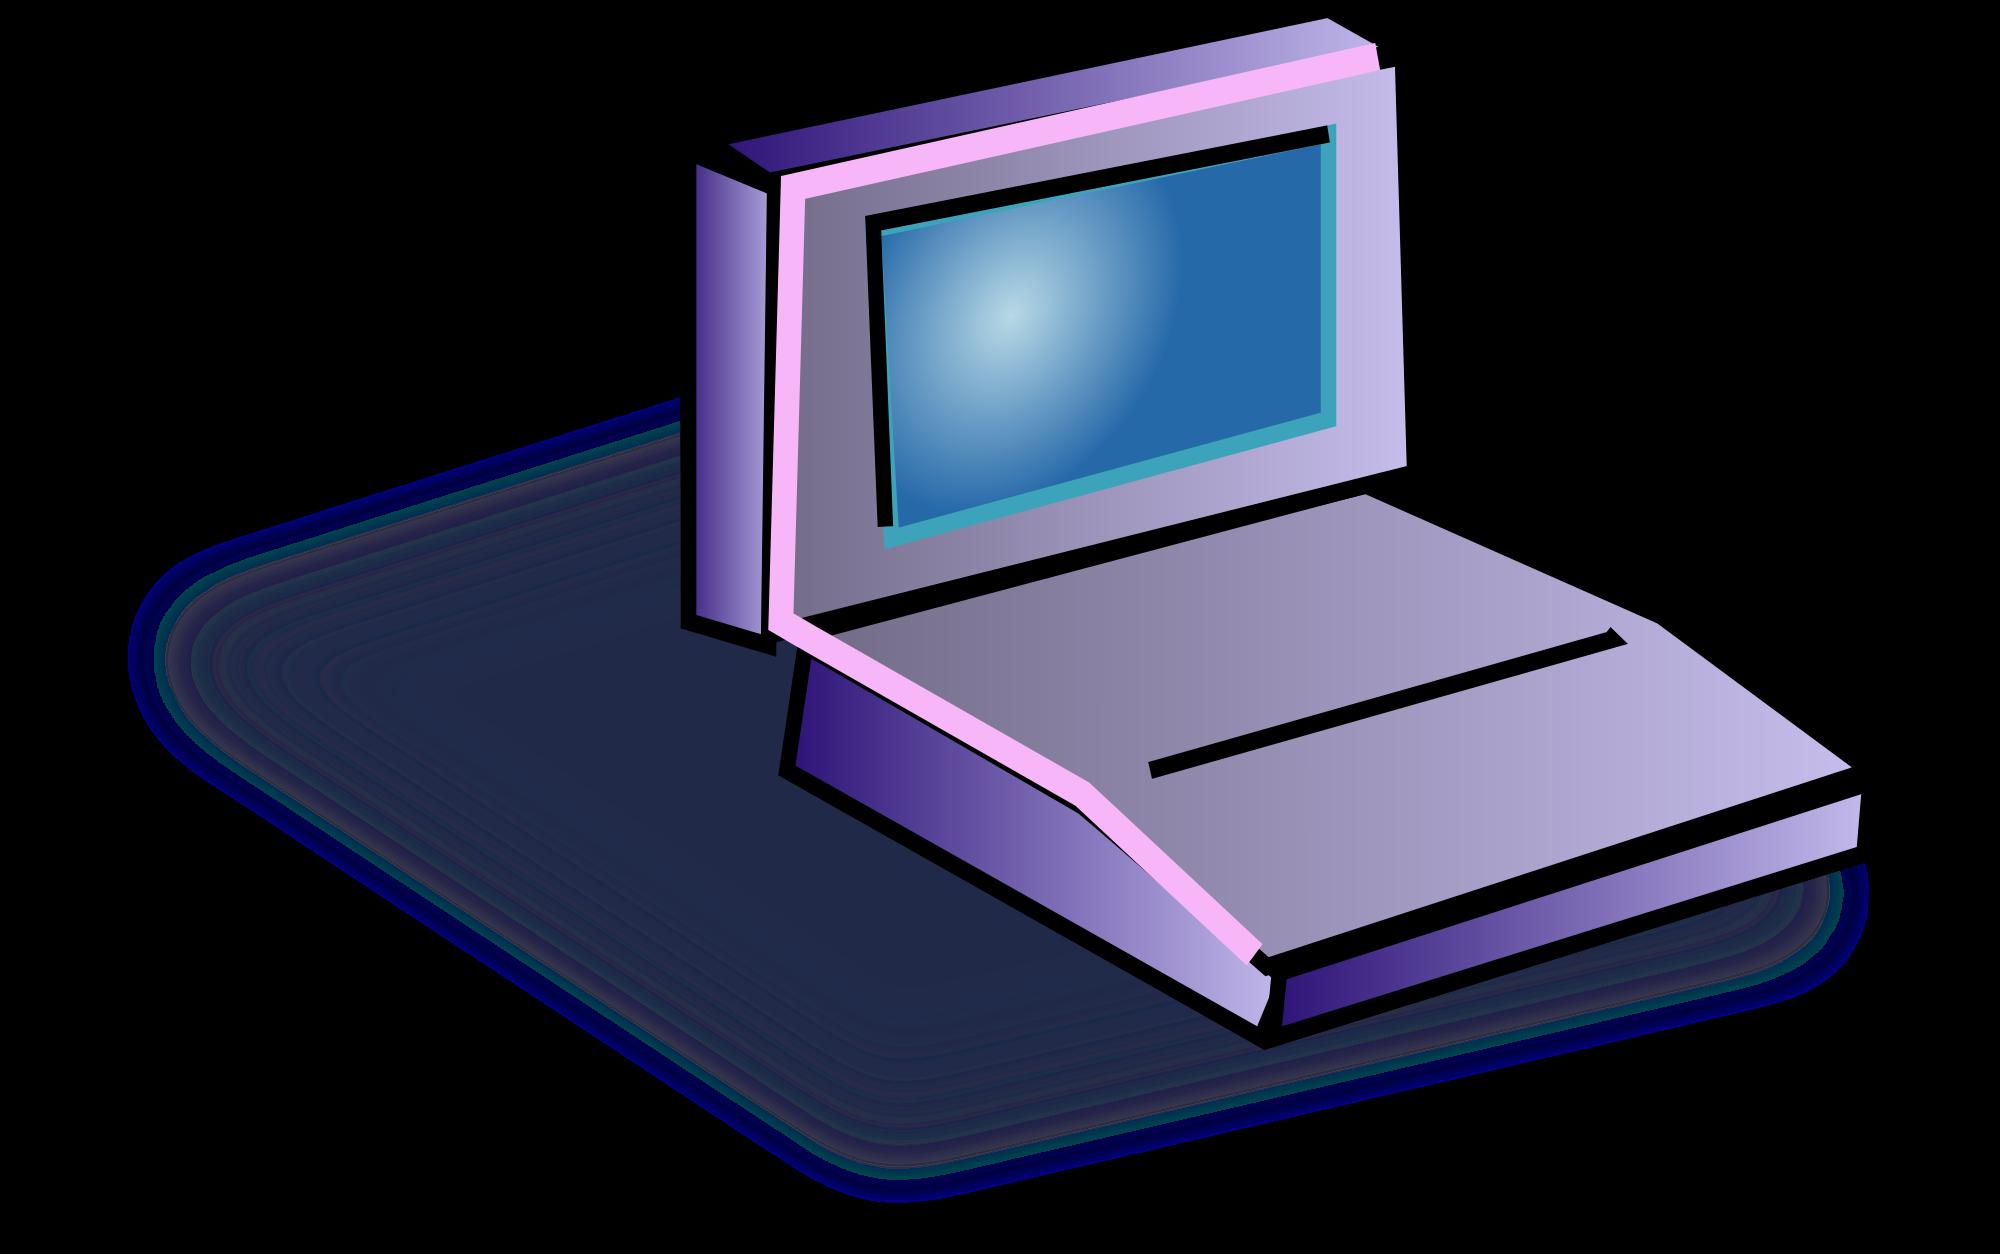 2000x1254 Laptop Clip Art Free Clipart Images Image Clipartcow 2